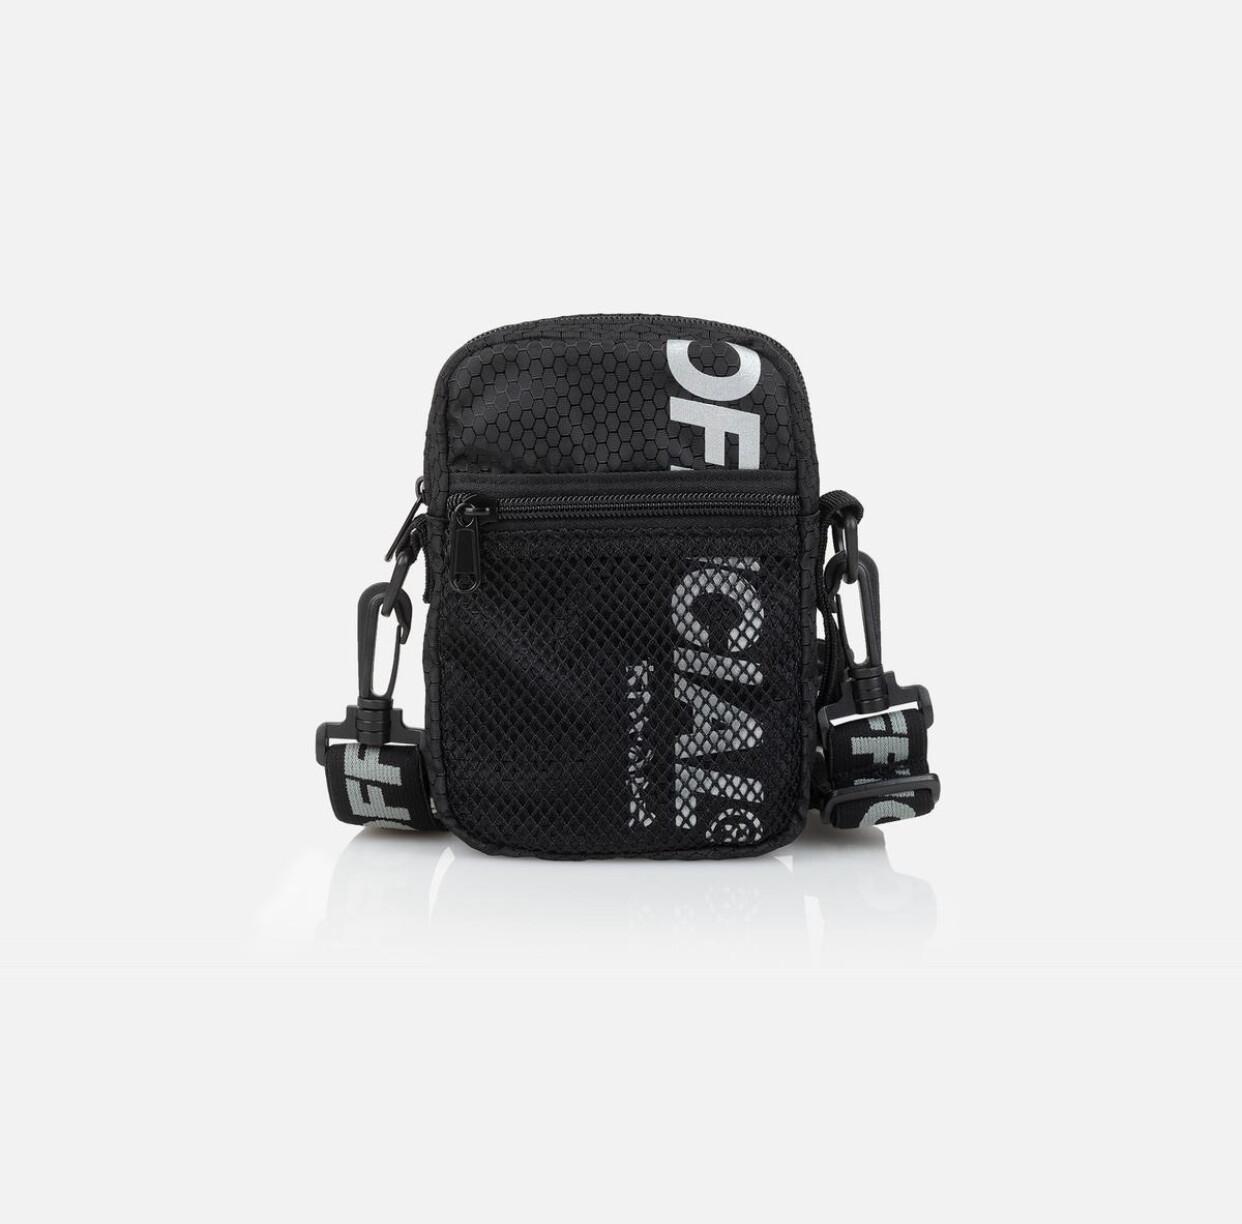 Official - EDC Utility Shoulder Bag (Black)